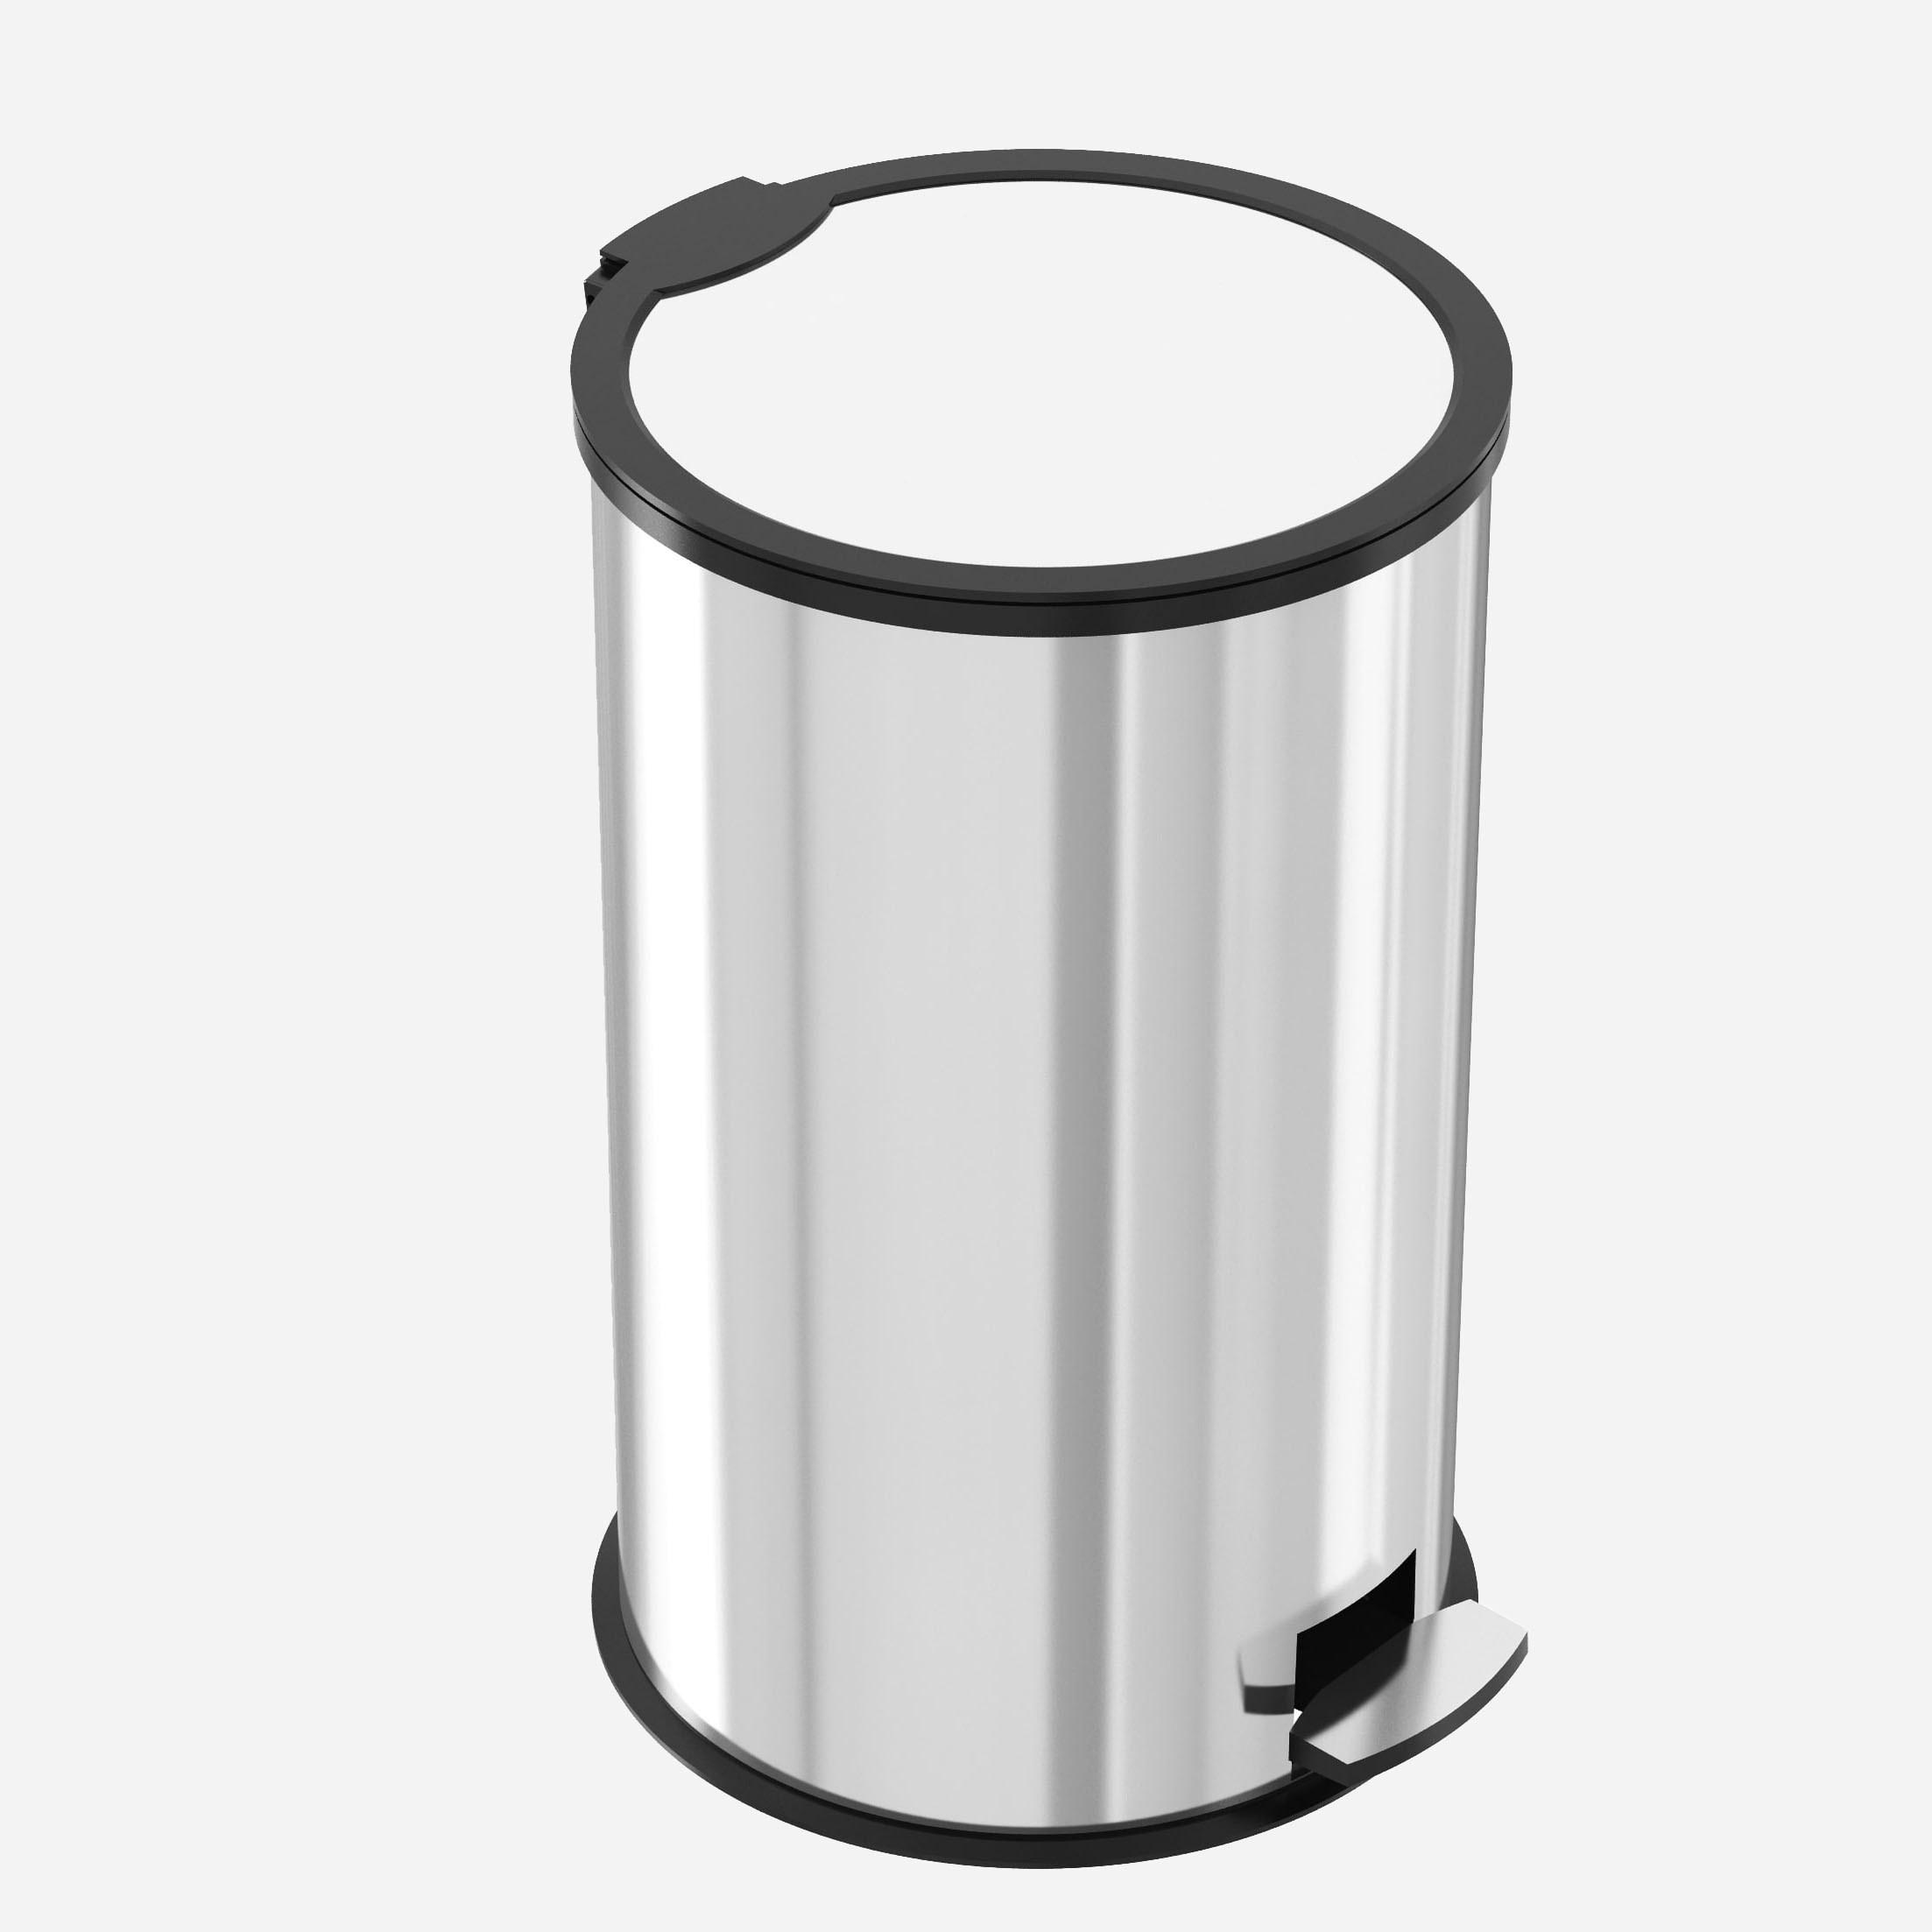 تصویر سطل زباله پدال دار استیل آکا الکتریک 30لیتر